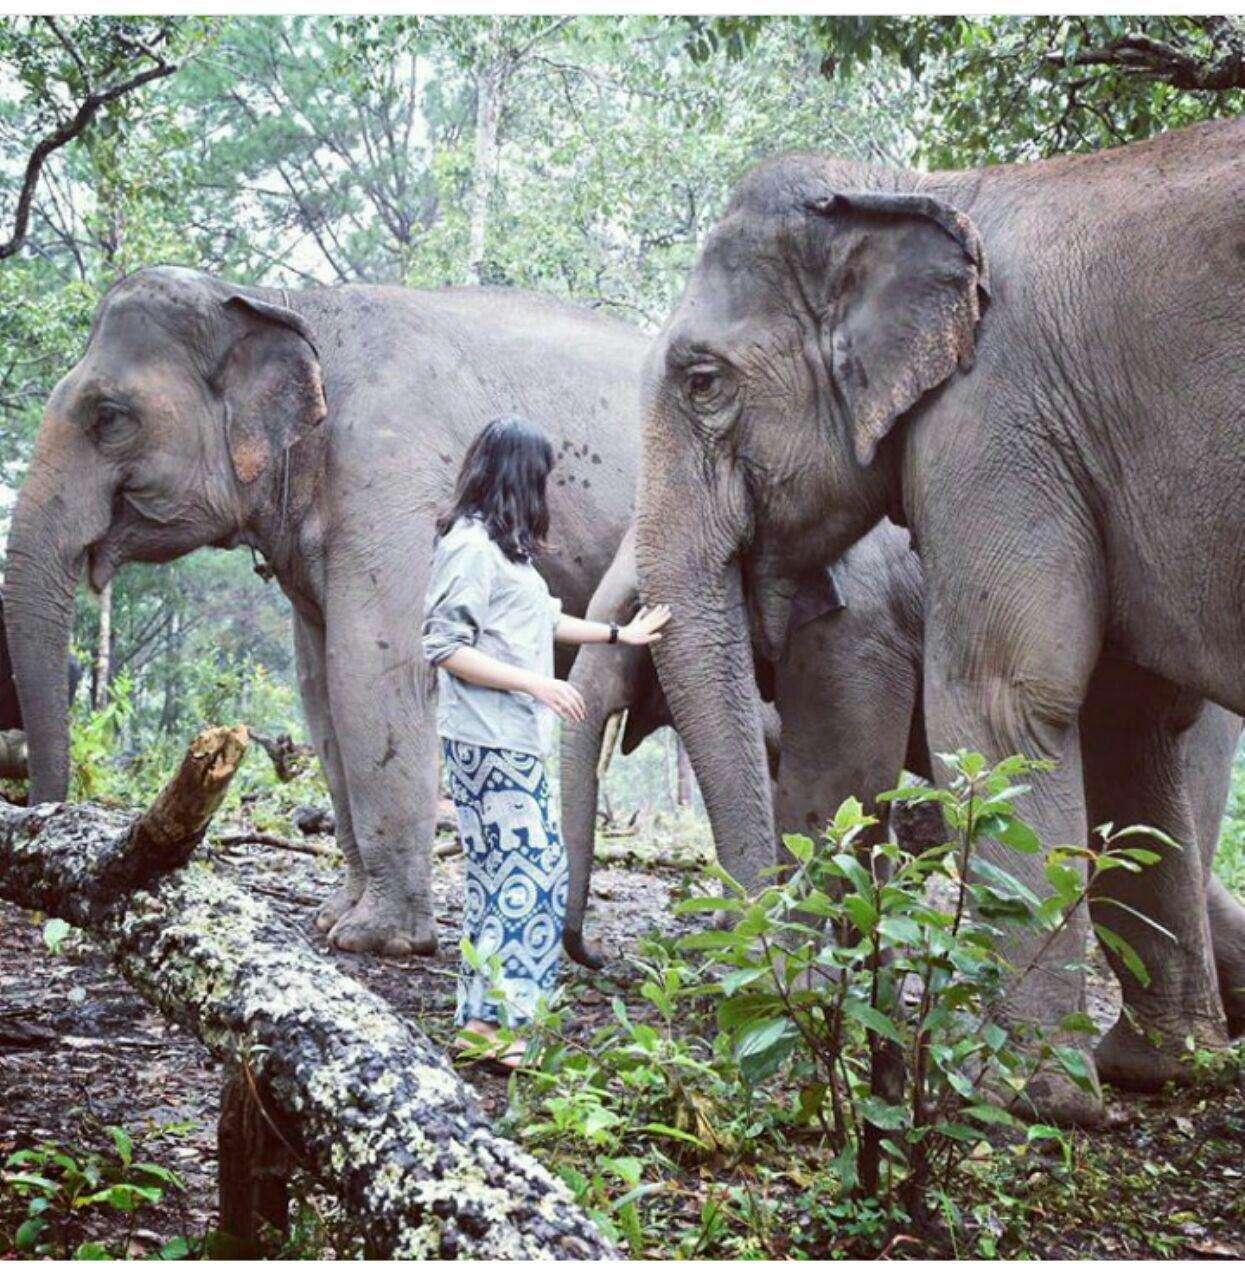 97 12 c33 574 - زندگی مشترک خانواده ای با فیل ها